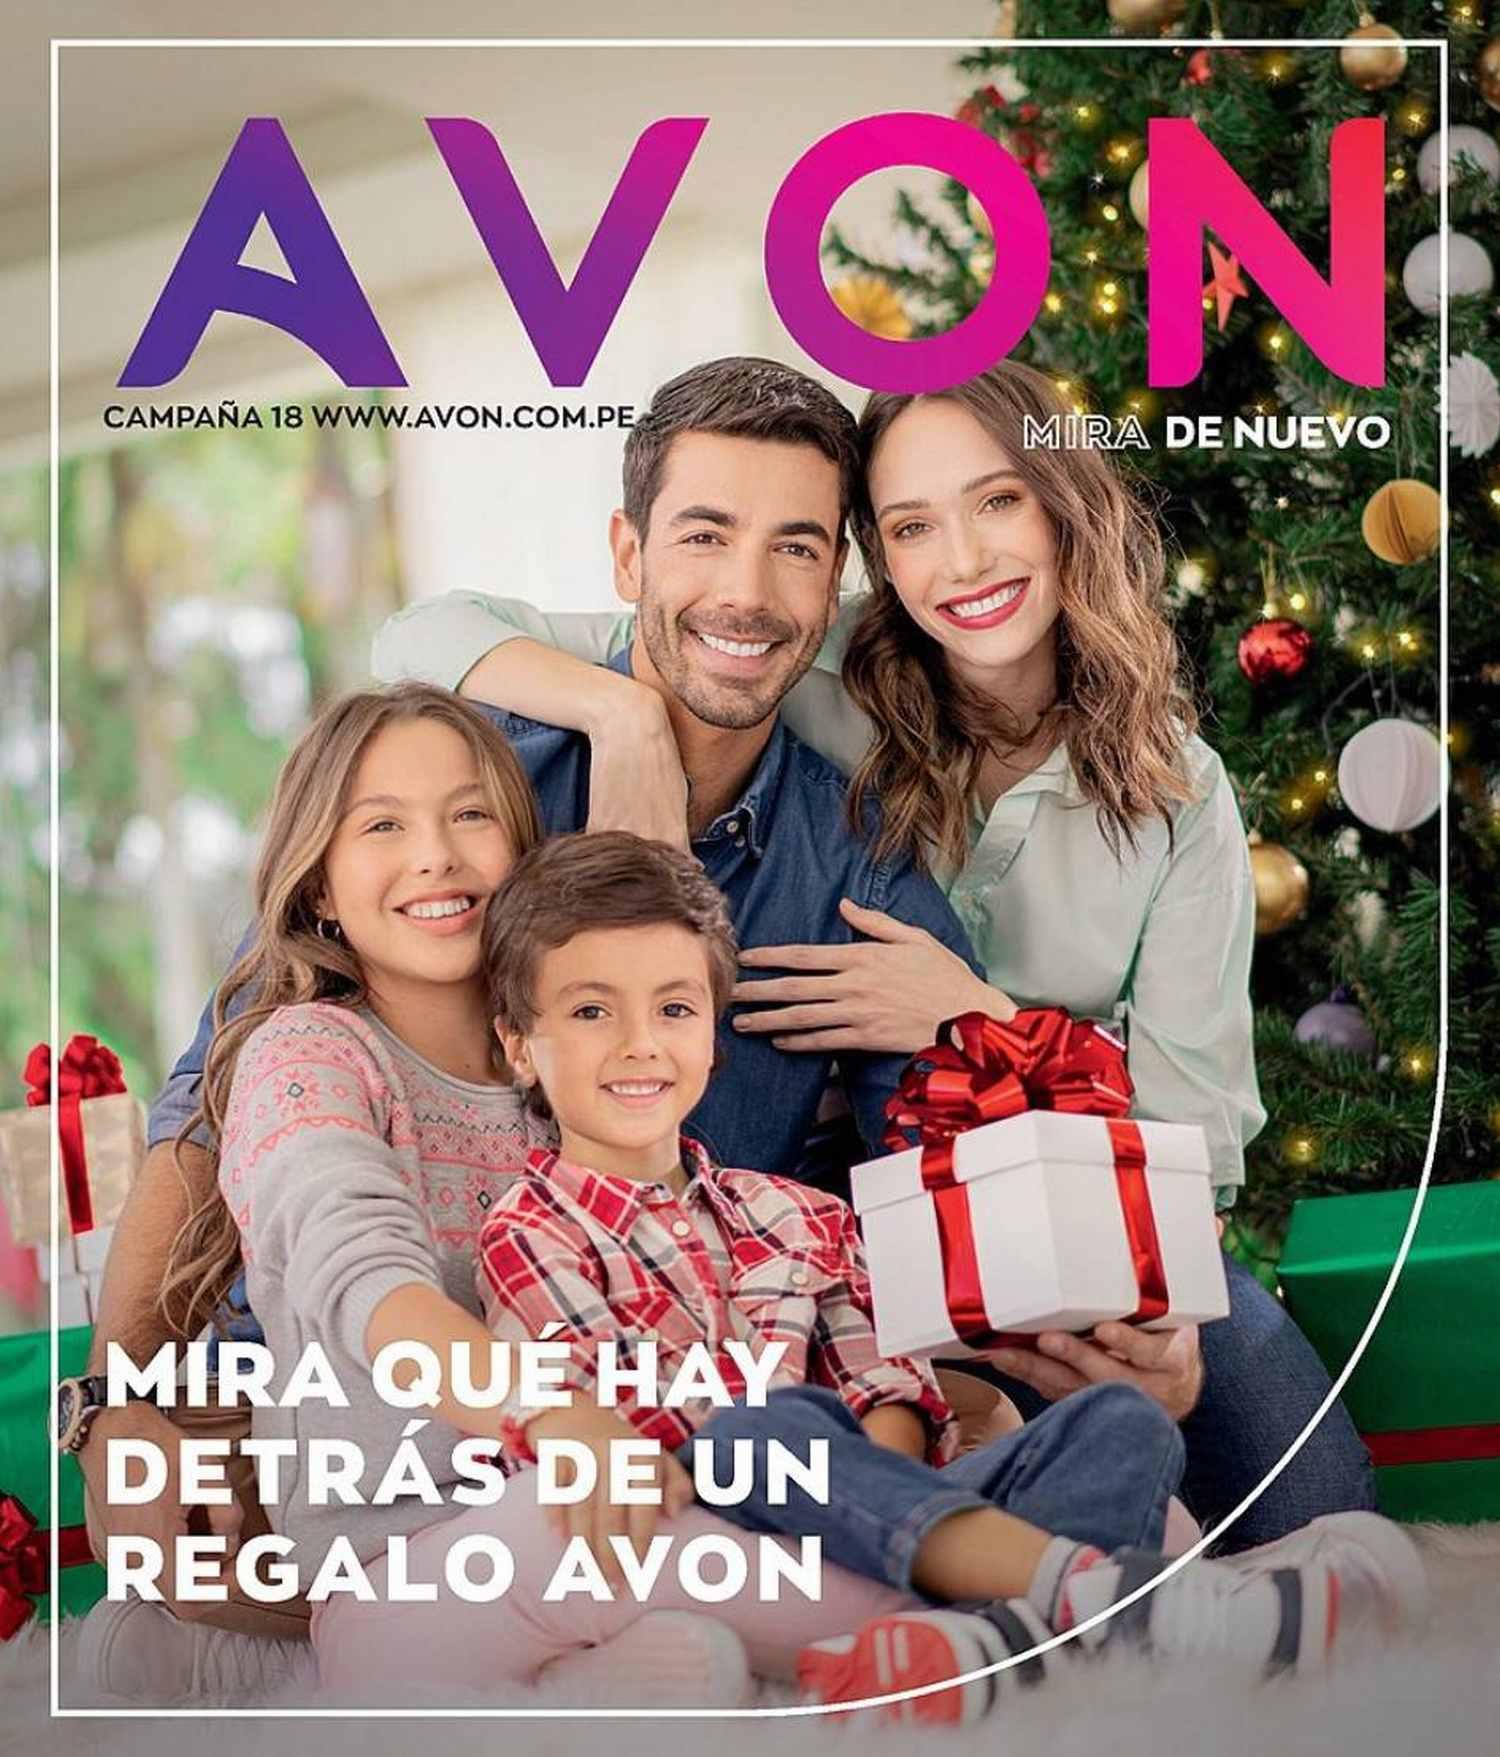 Catálogo Avon Campaña 18 2021 Perú